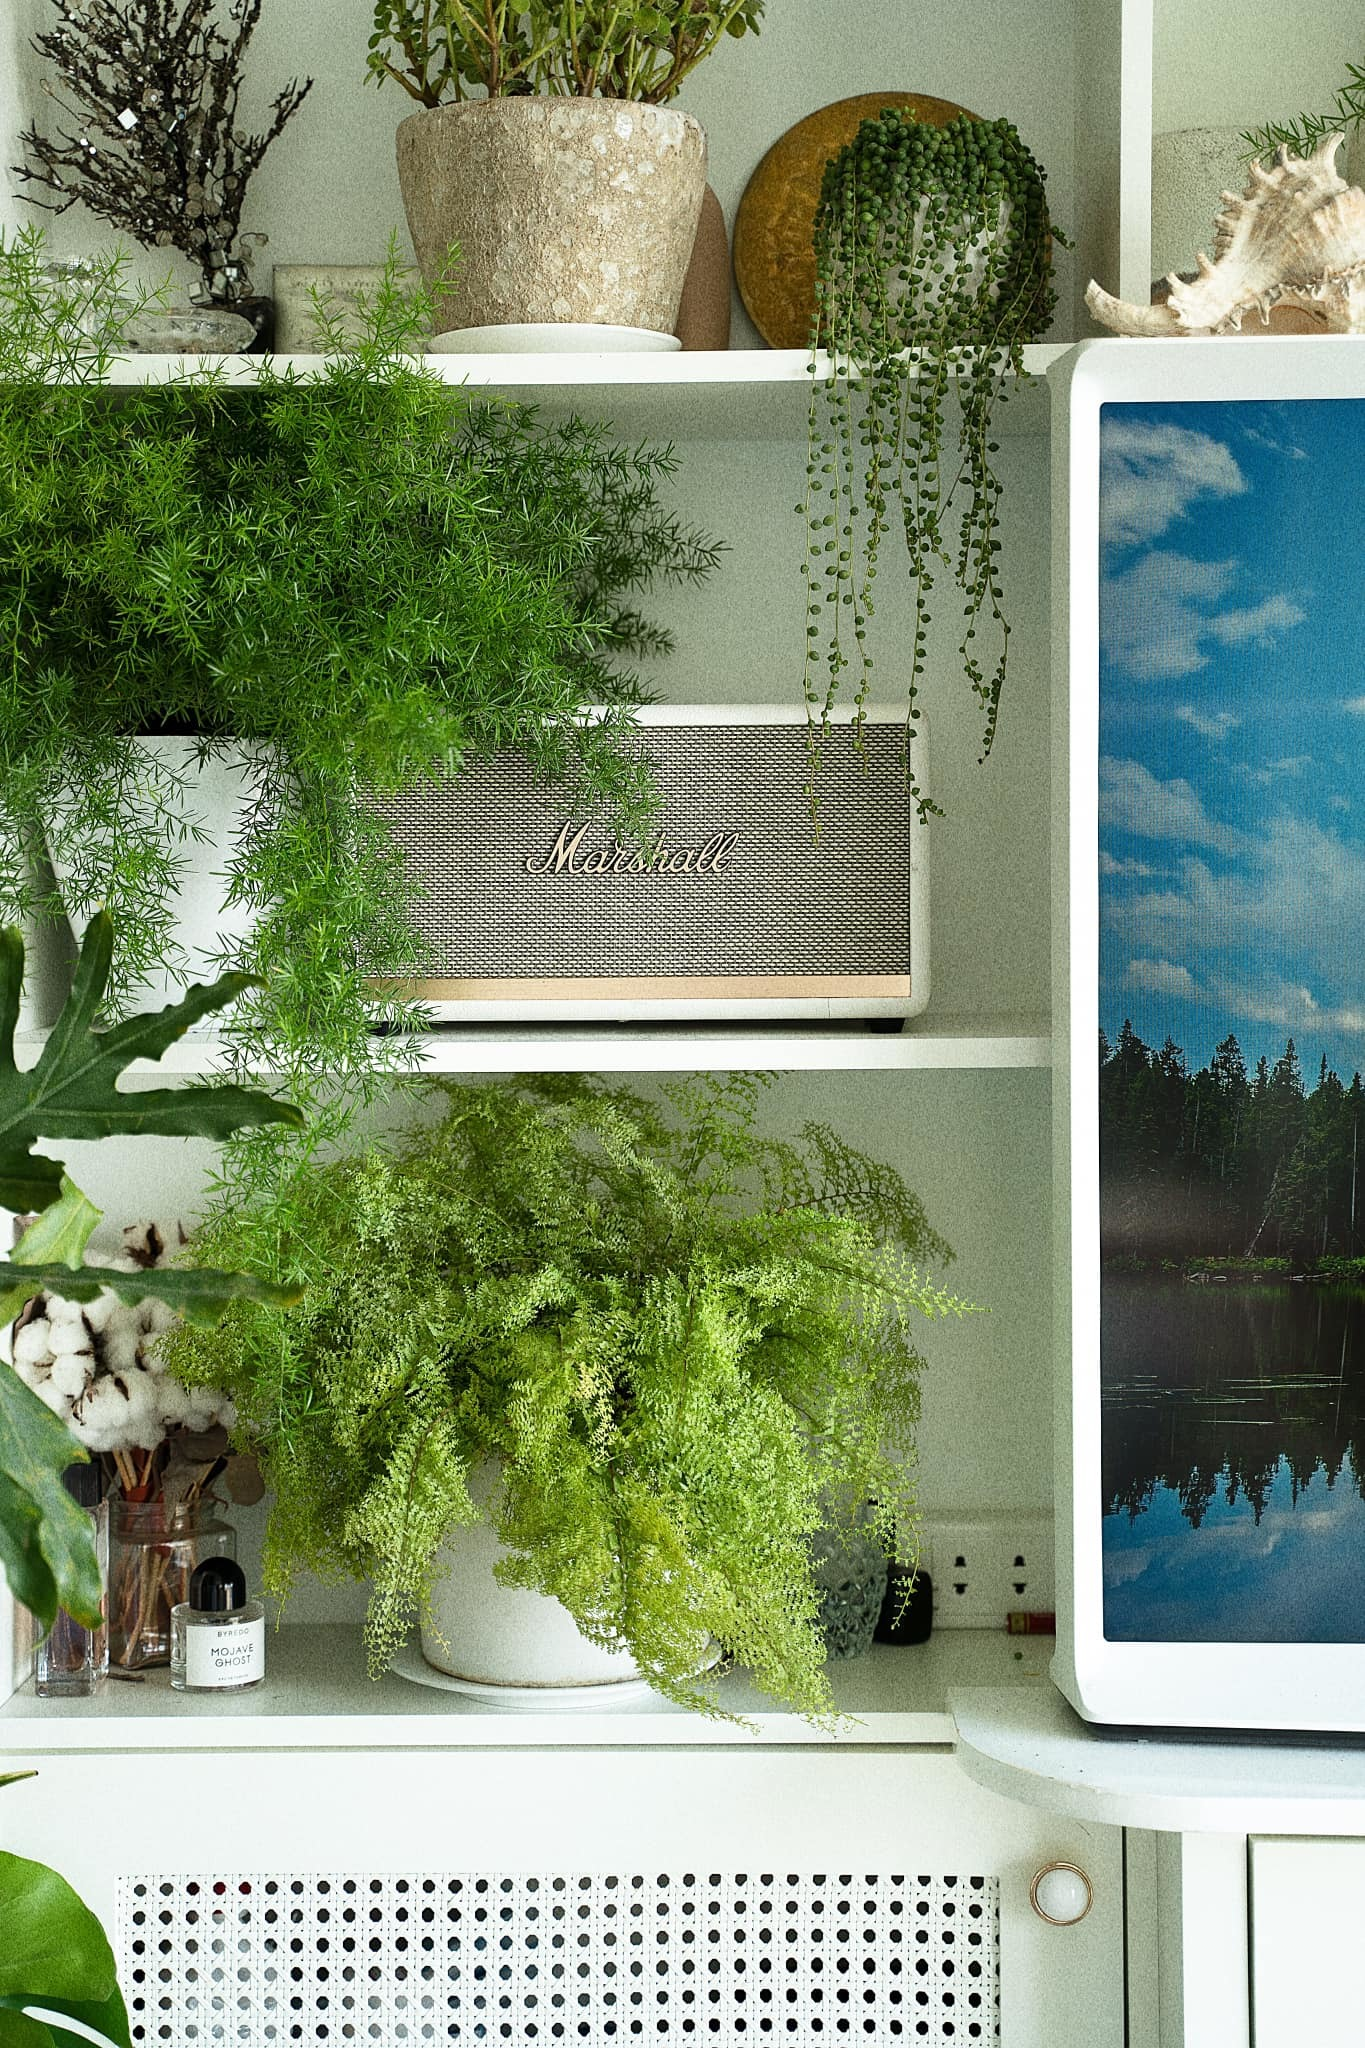 Đê mê trước căn hộ xanh, view sông Hồng mộng mơ của nữ họa sĩ